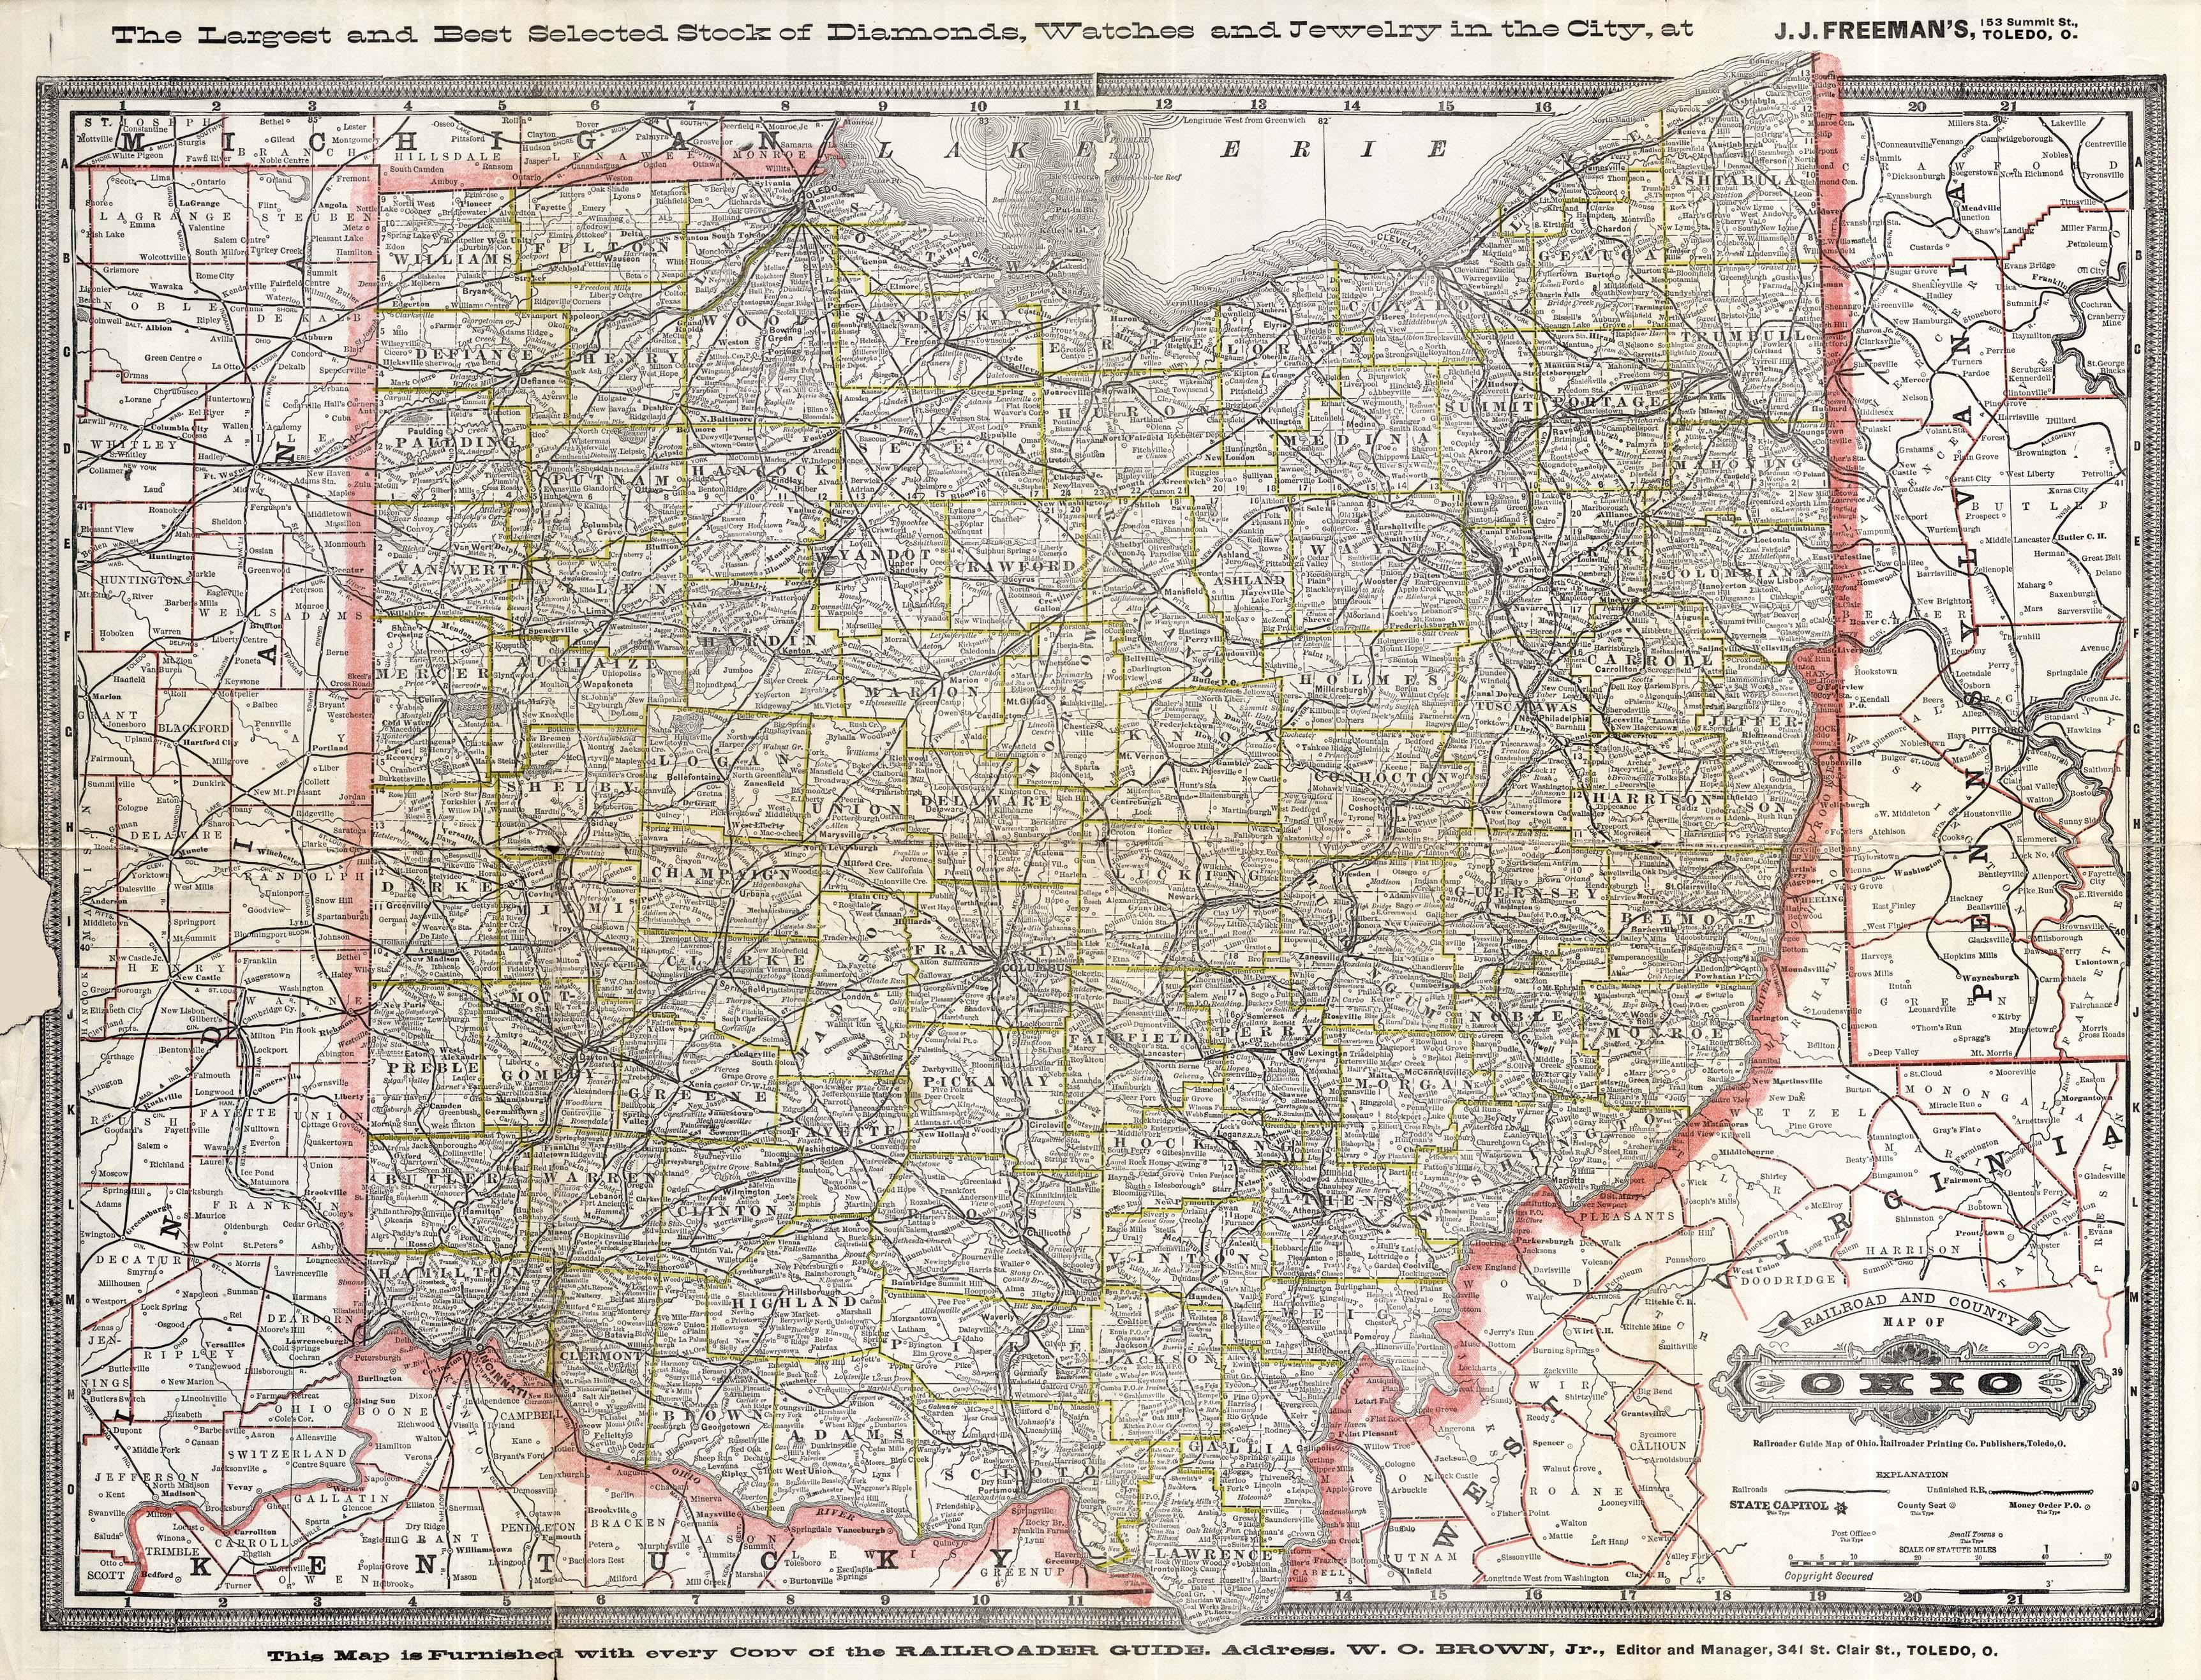 Ohio Railroader Guide